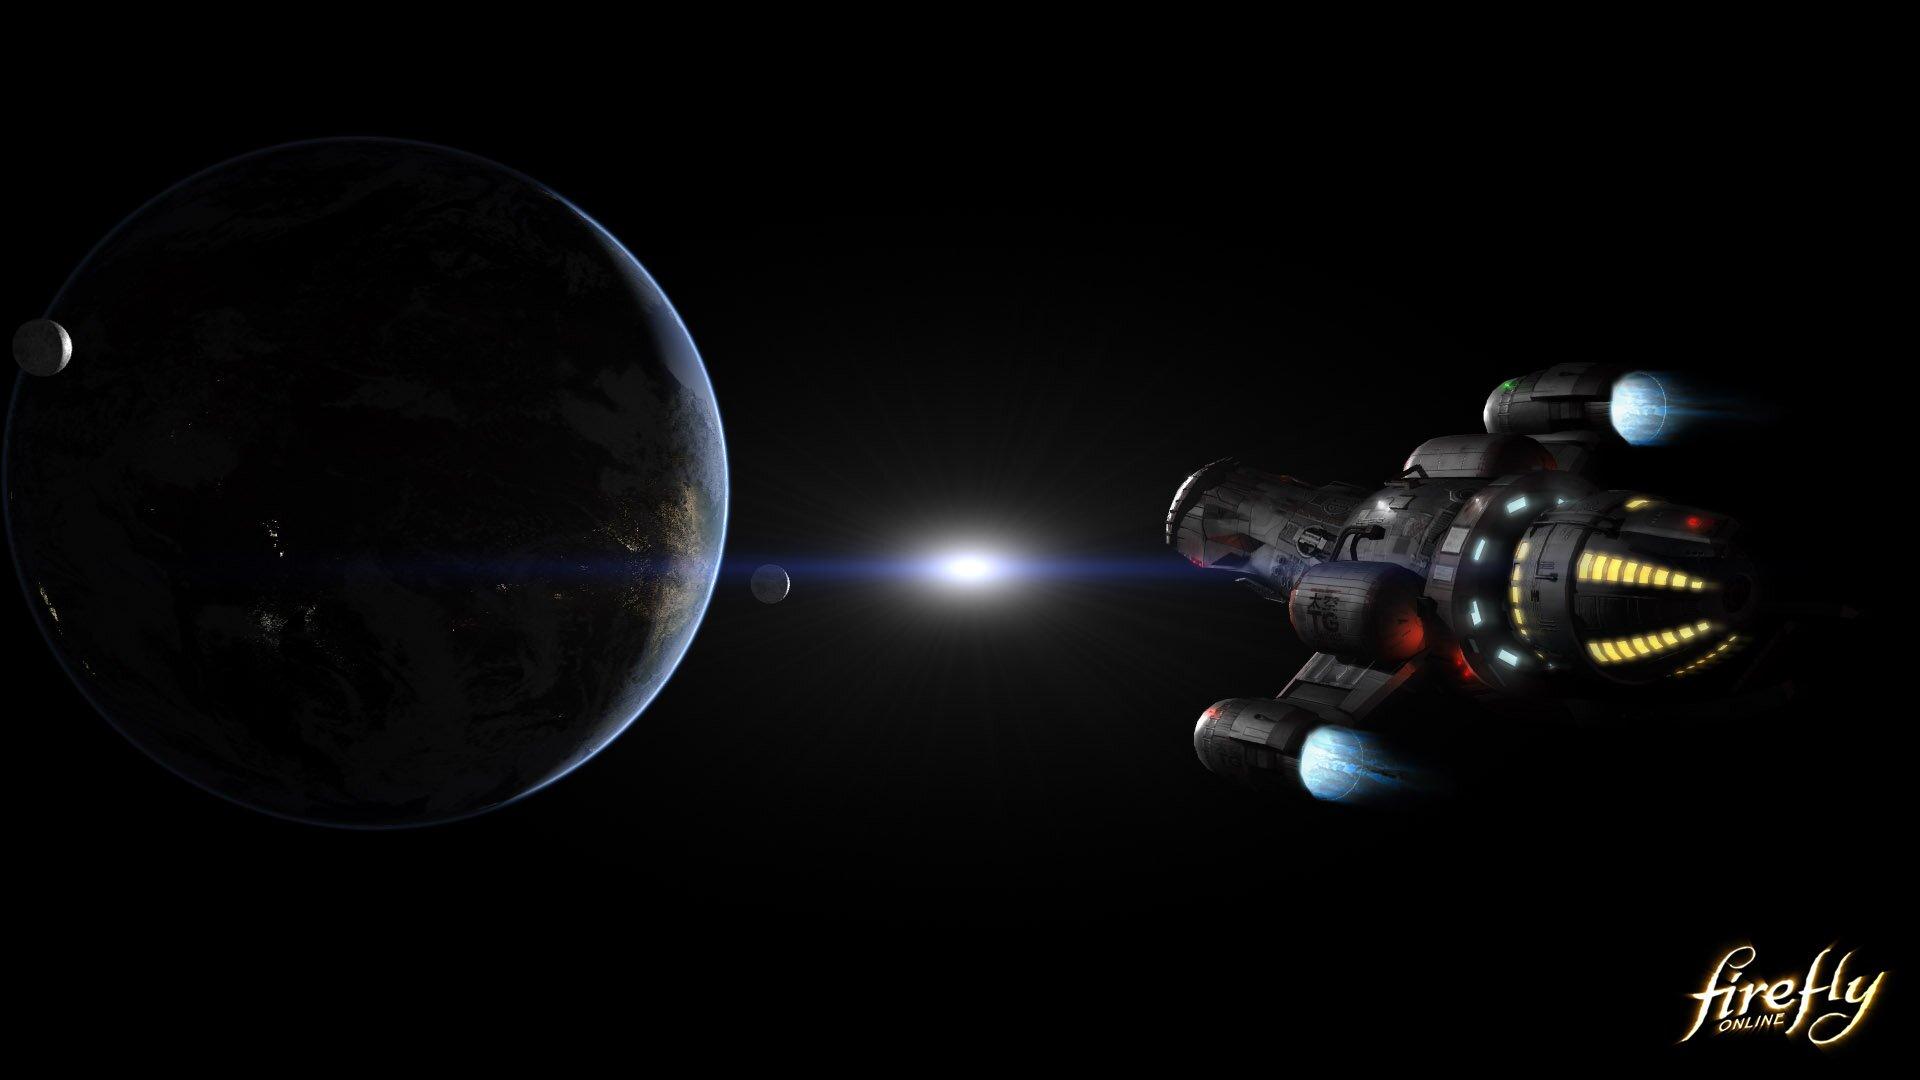 Die Firefly fliegt von einem Planeten weg